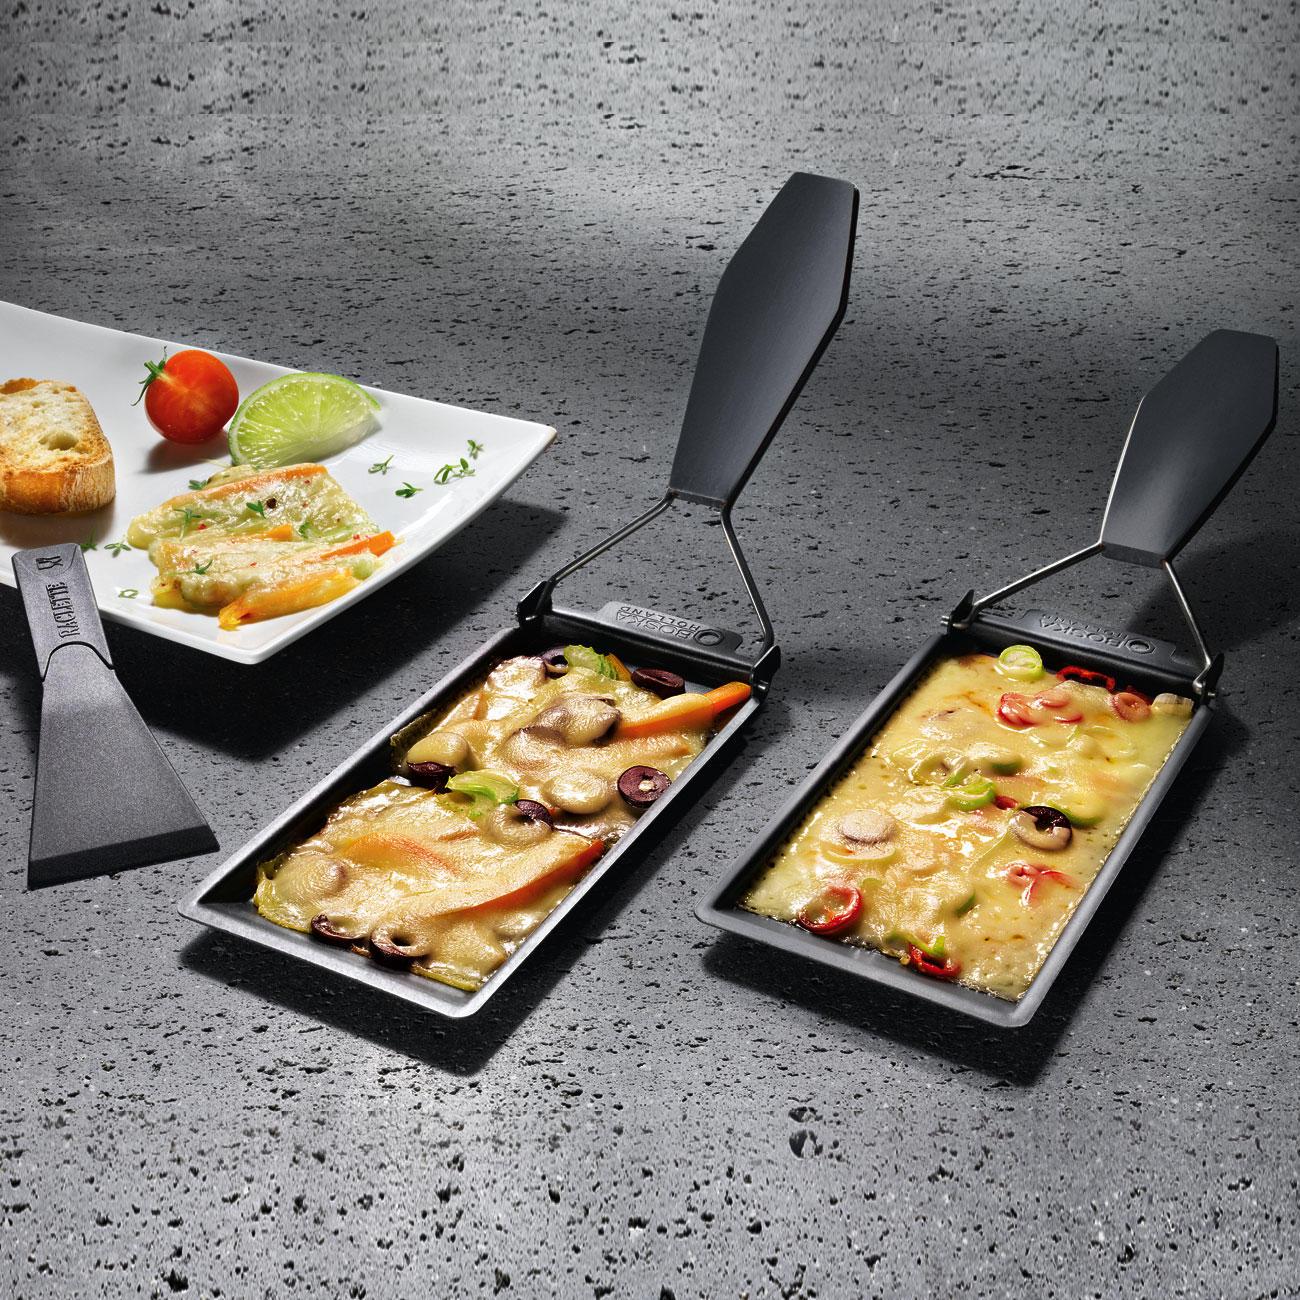 boska barbeclette 2er set 3 jahre garantie pro idee. Black Bedroom Furniture Sets. Home Design Ideas